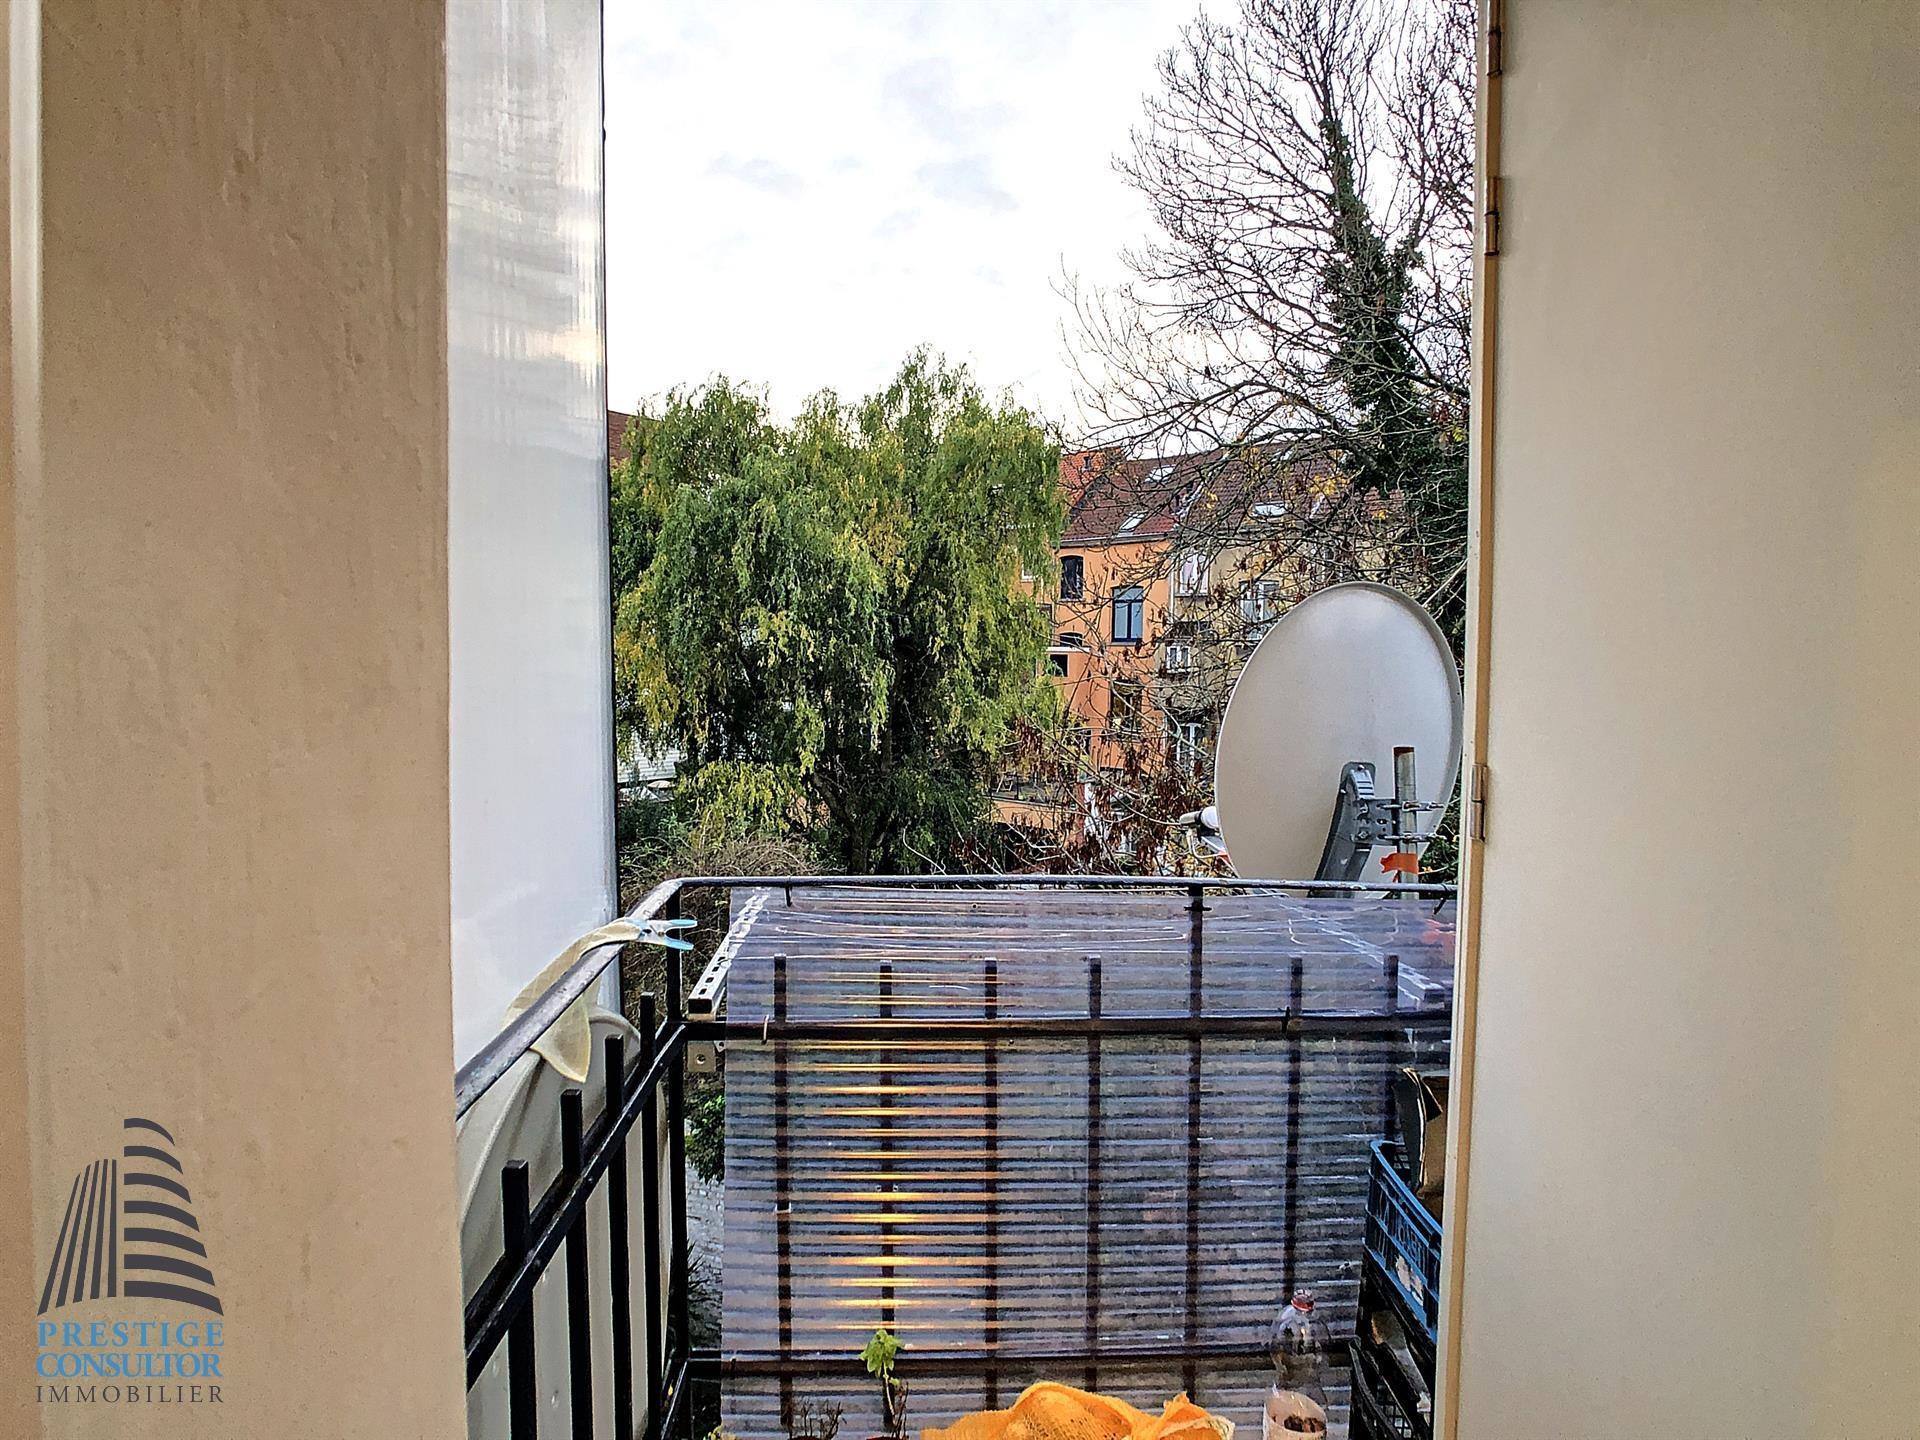 Appartement - Koekelberg - #4208920-4